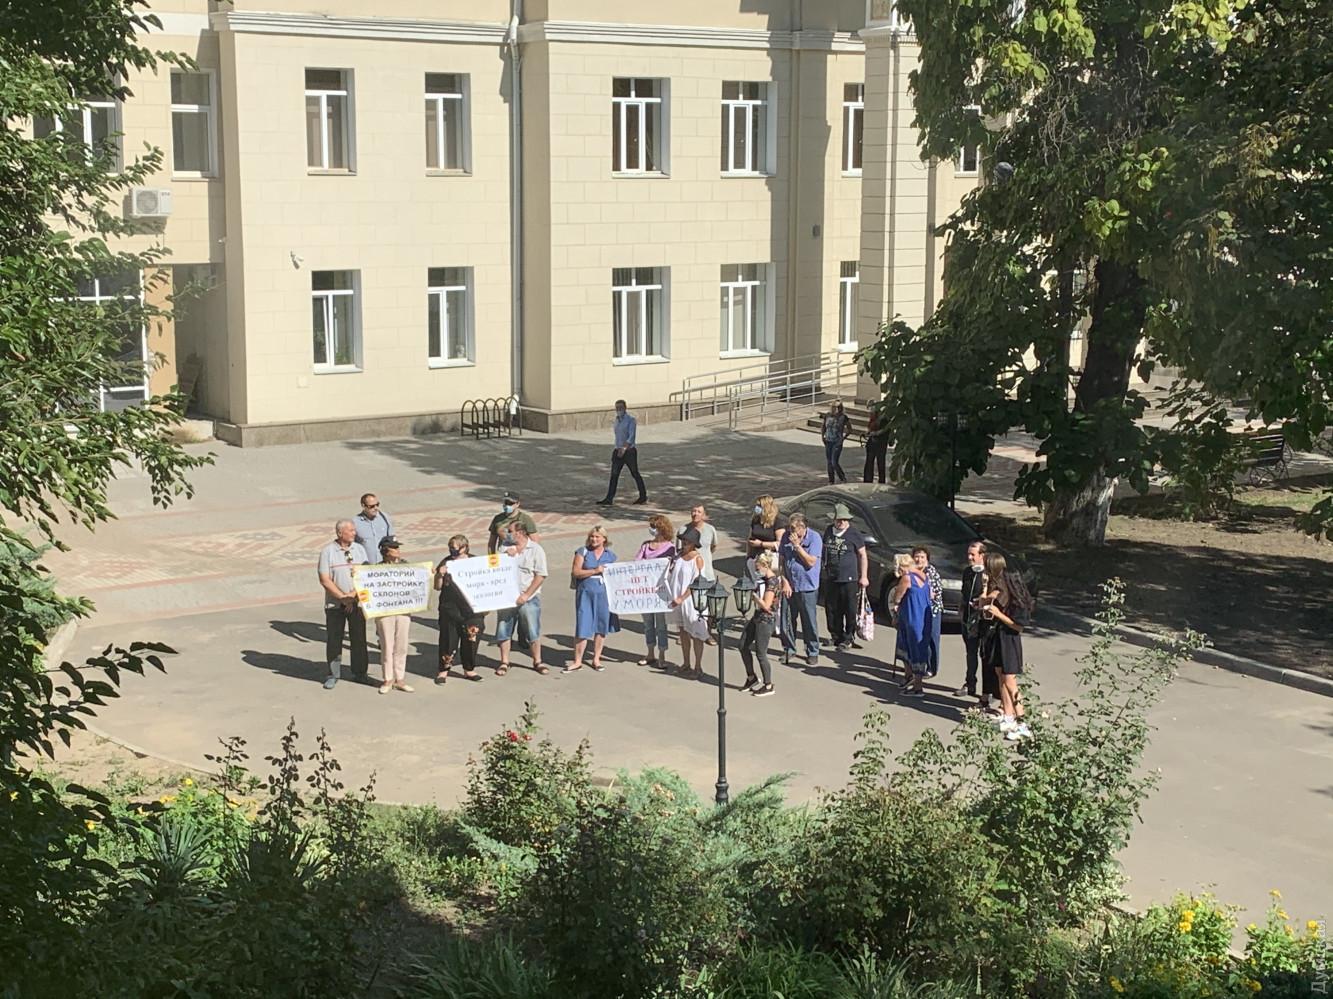 Заседания сопровождались митингом местных жителей, протестующих из-за стройки